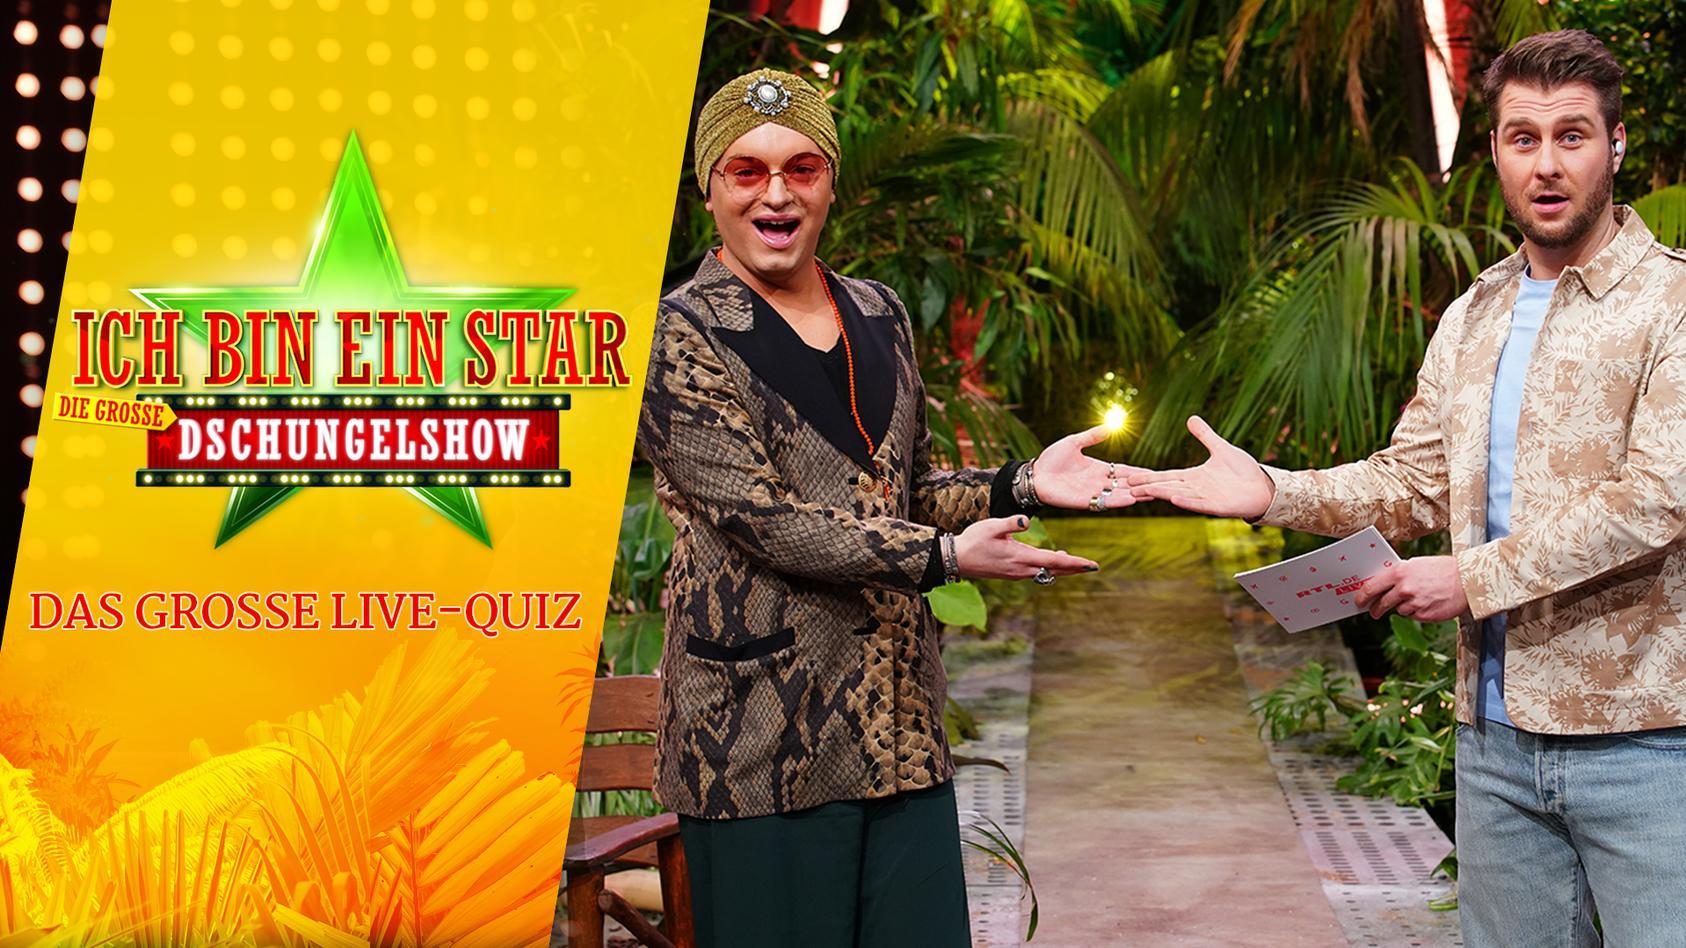 Julian F. M. Stoeckel präsentiert mit Maurice Gajda nach jeder Dschungelshow ein Quiz im Livestream